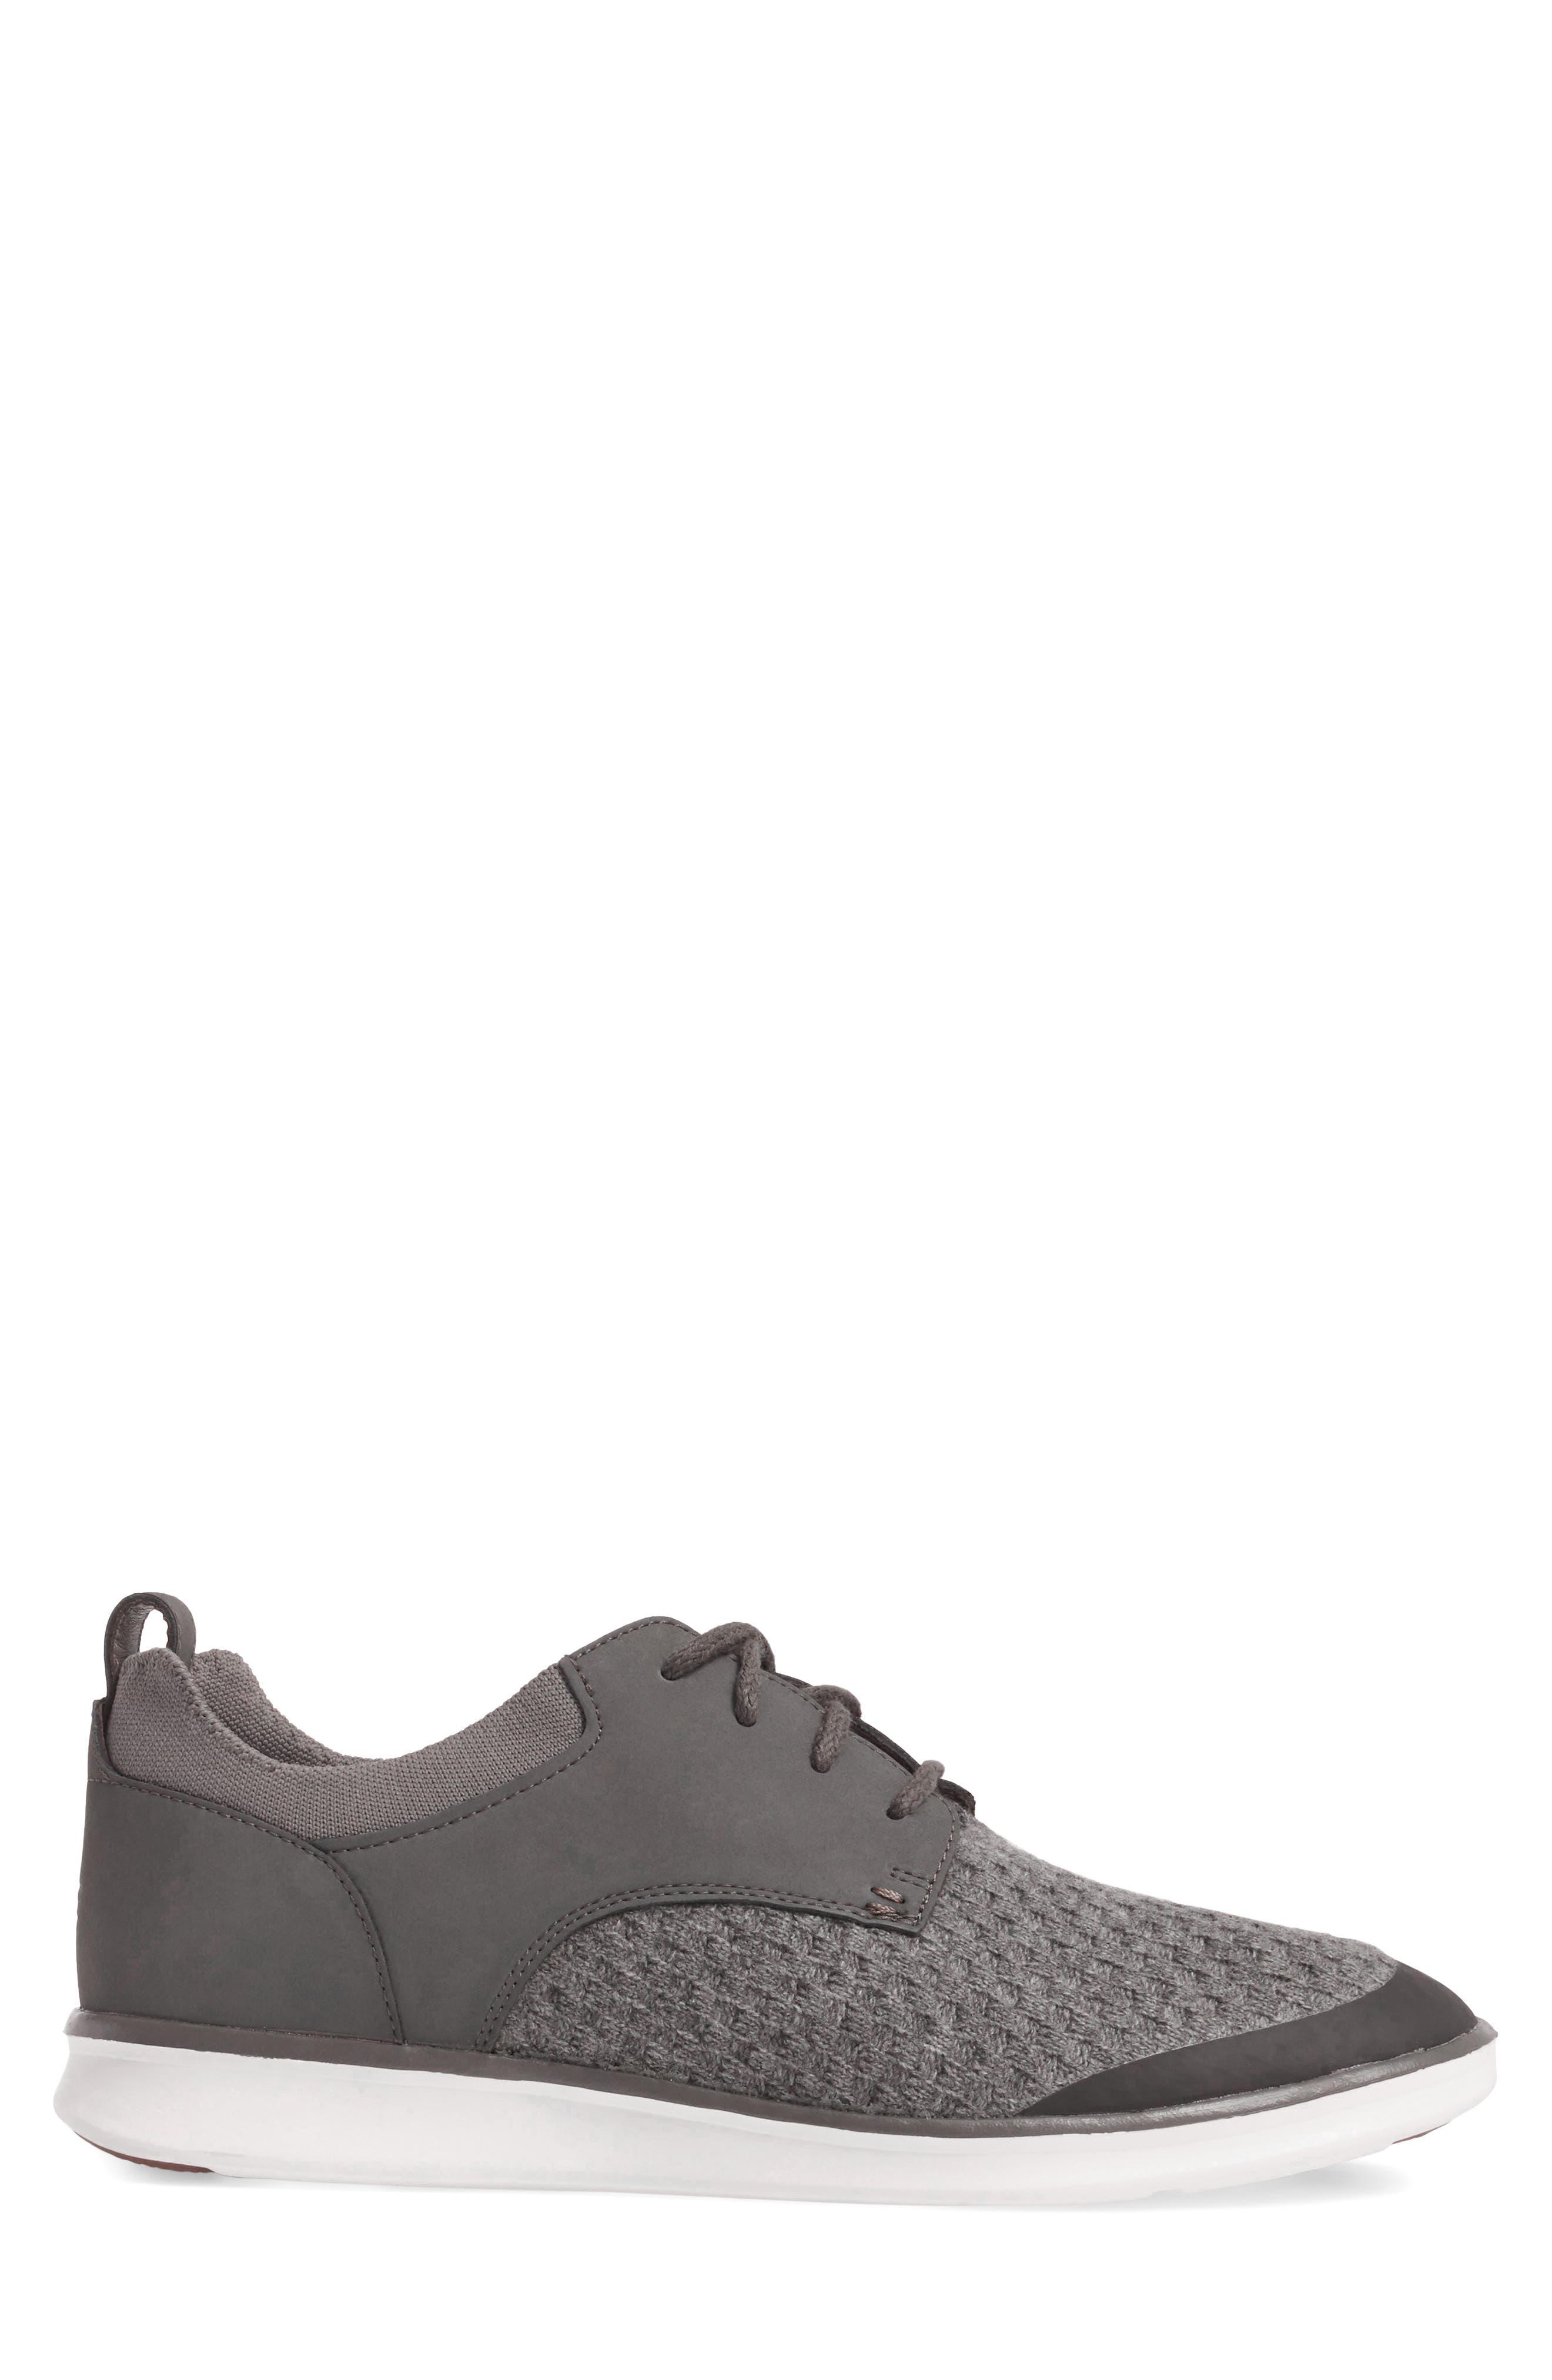 Hepner HyperWeave Sneaker,                             Alternate thumbnail 3, color,                             Dark Charcoal